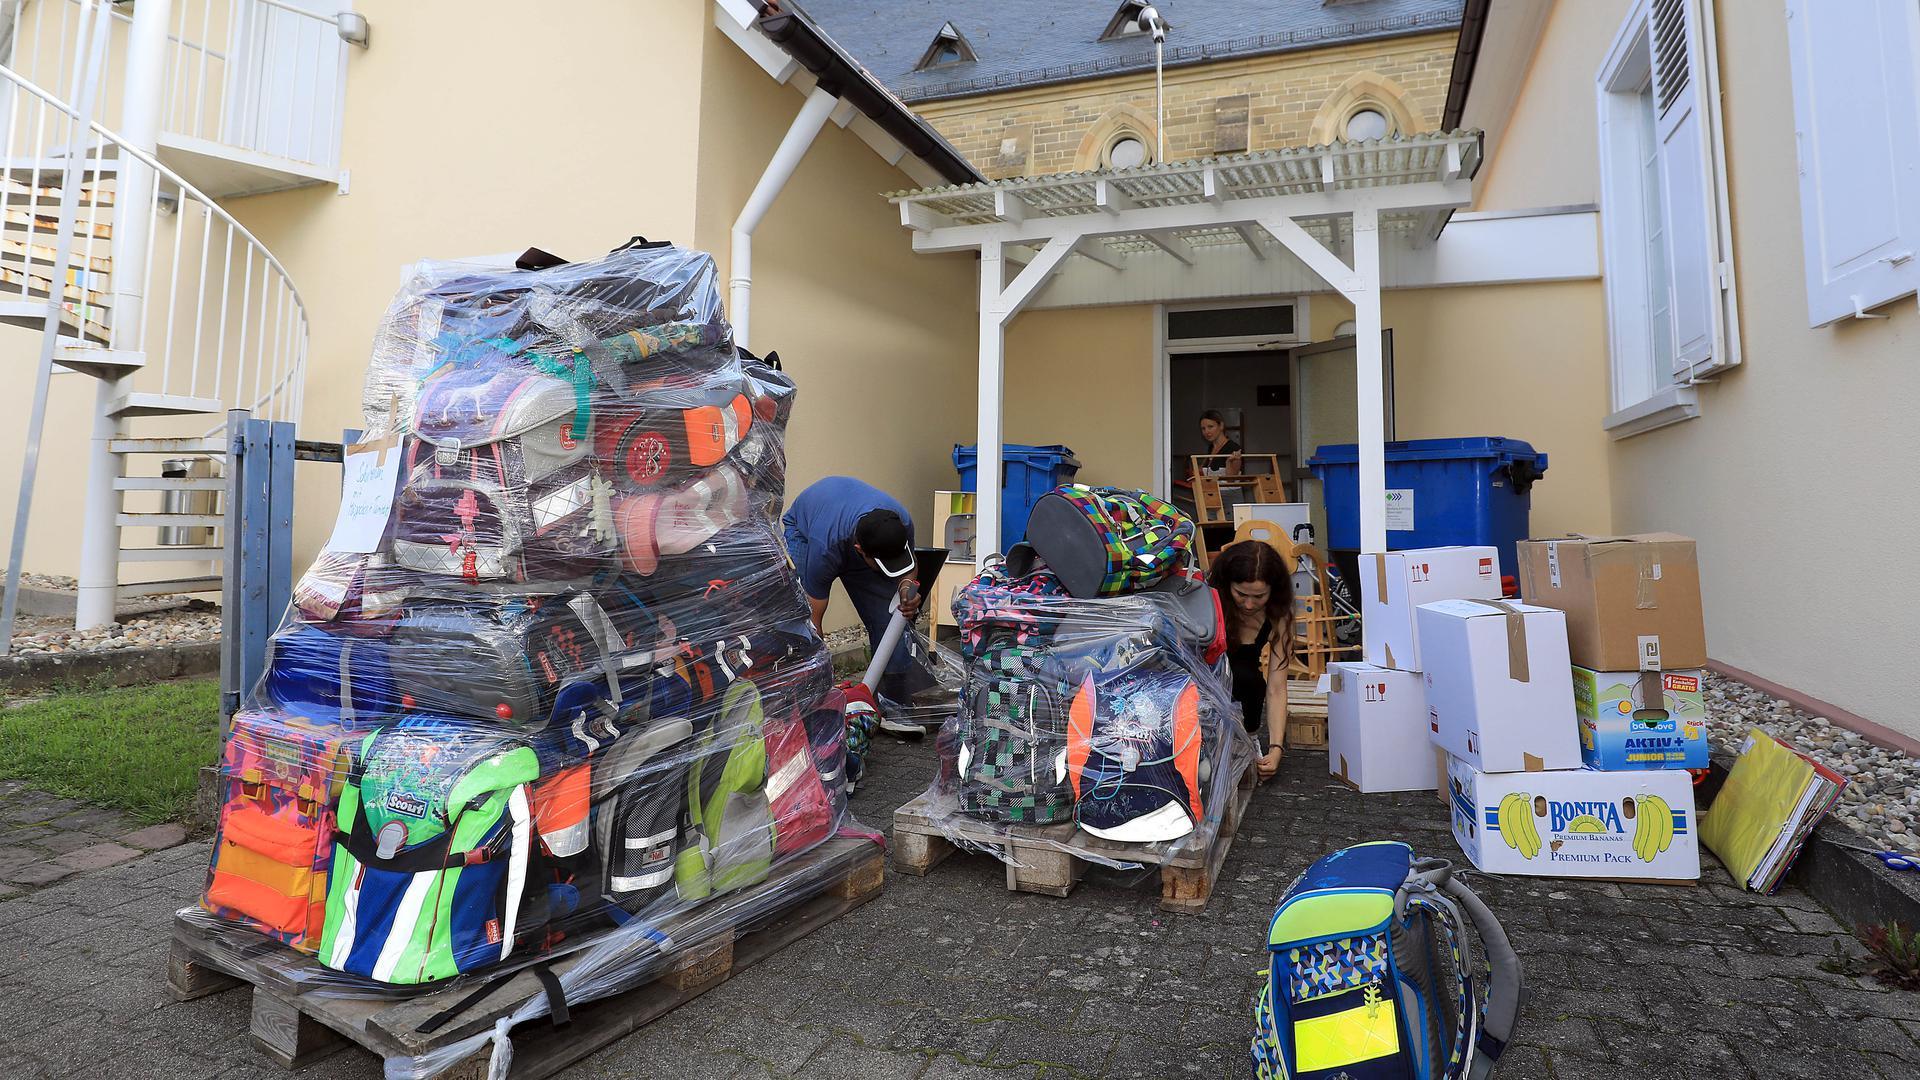 Gespendete Schulranzen stehen zusammengepackt zum Abtransport bereit